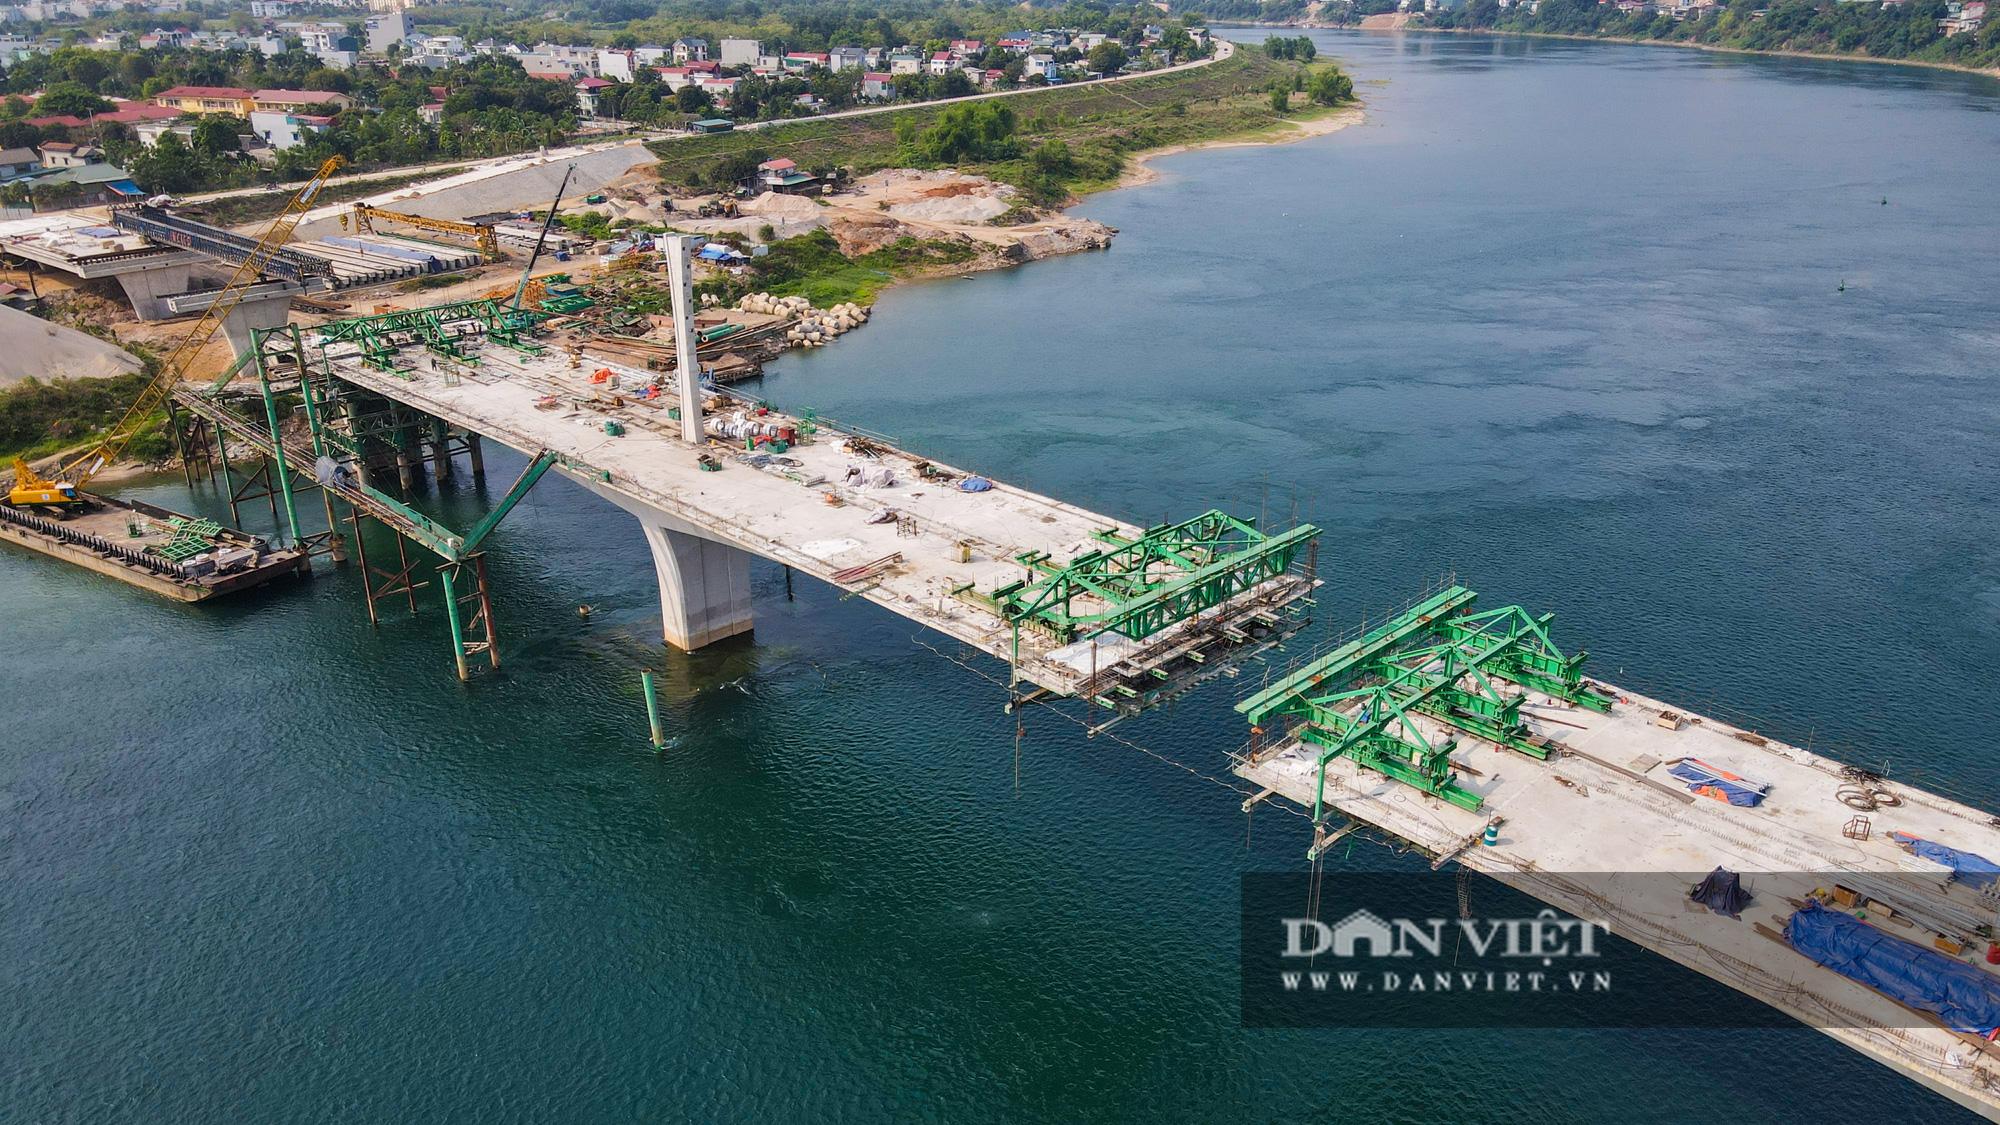 Hòa Bình: Dự án cầu 600 tỷ 2 nối 2 bờ sông Đà sắp về đích, dự kiến thông xe đầu tháng 10 - Ảnh 3.